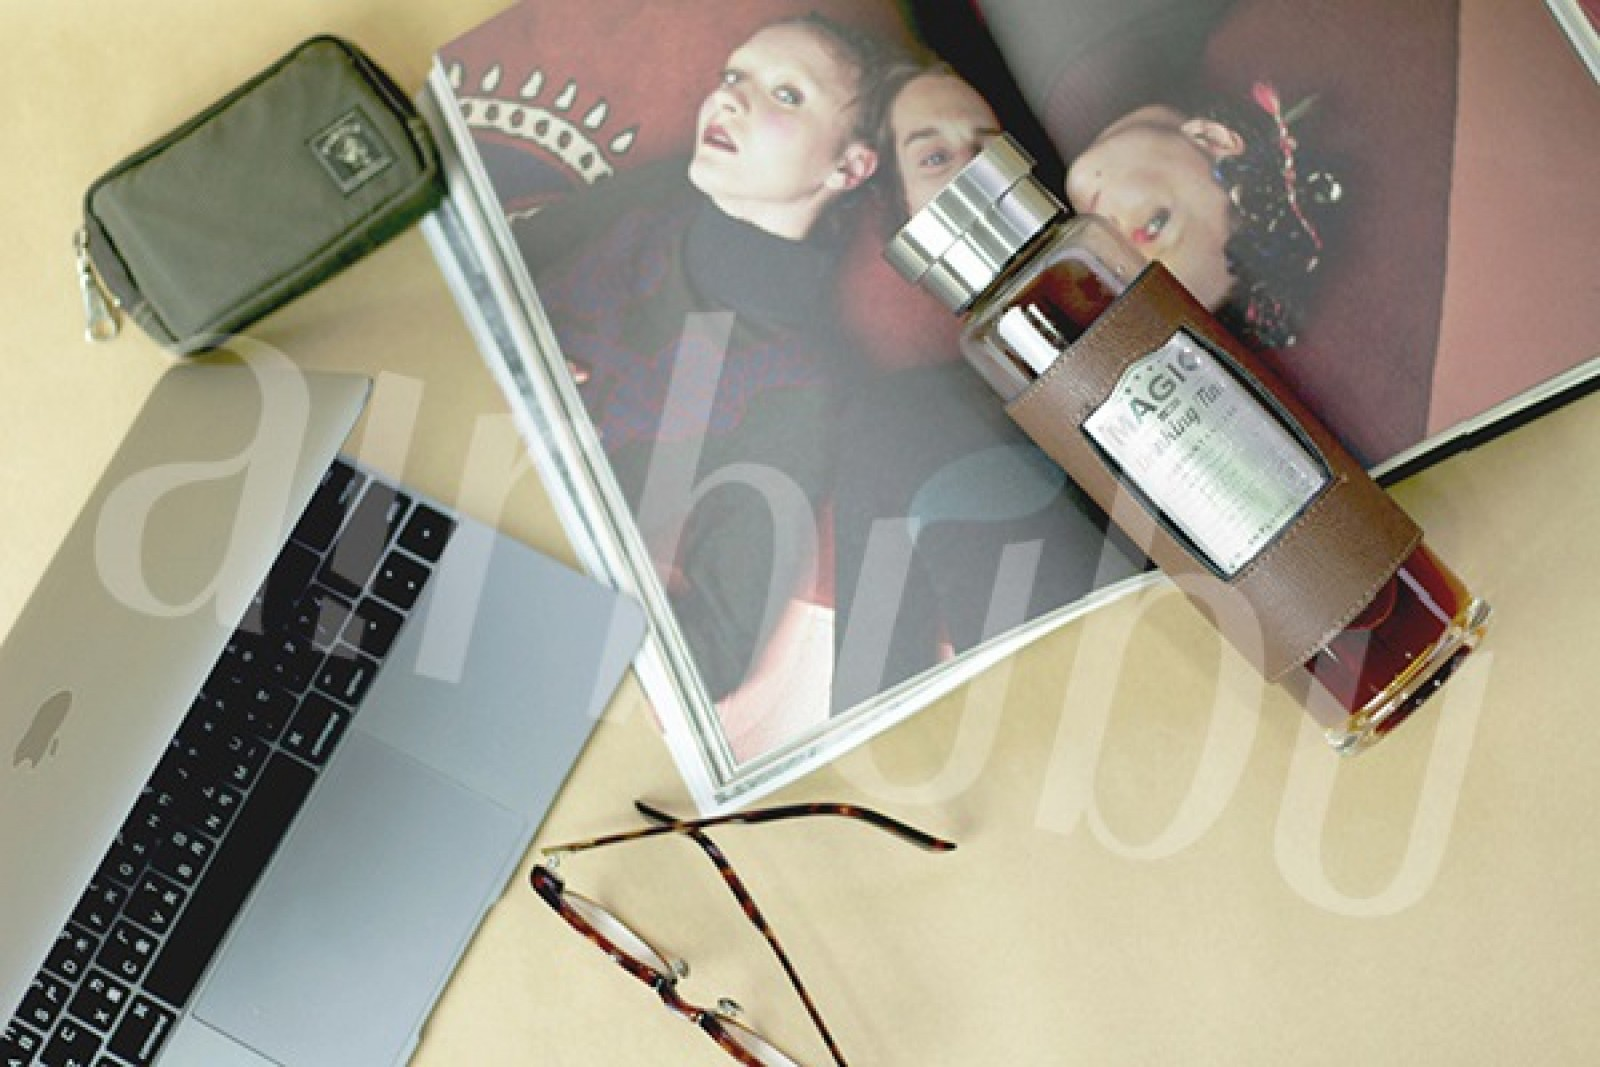 皮革魔力玻璃水瓶 1.jpg